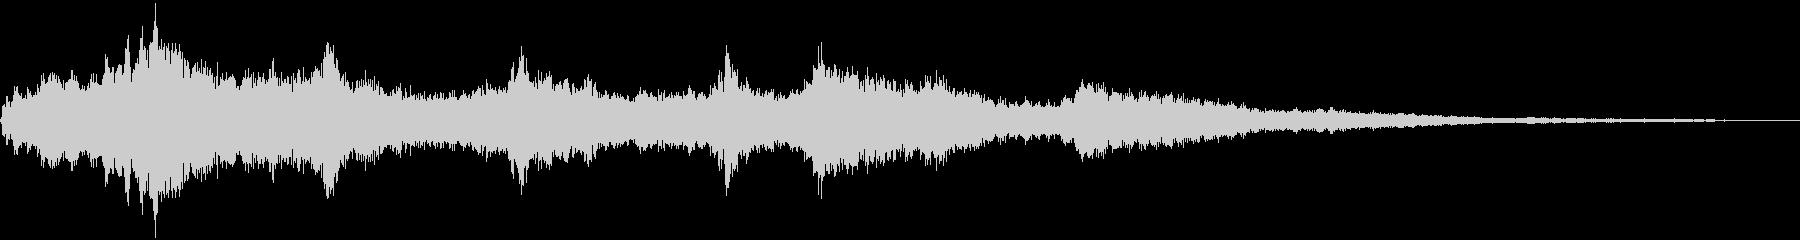 きらきらとしたウィンドチャイムの音の未再生の波形